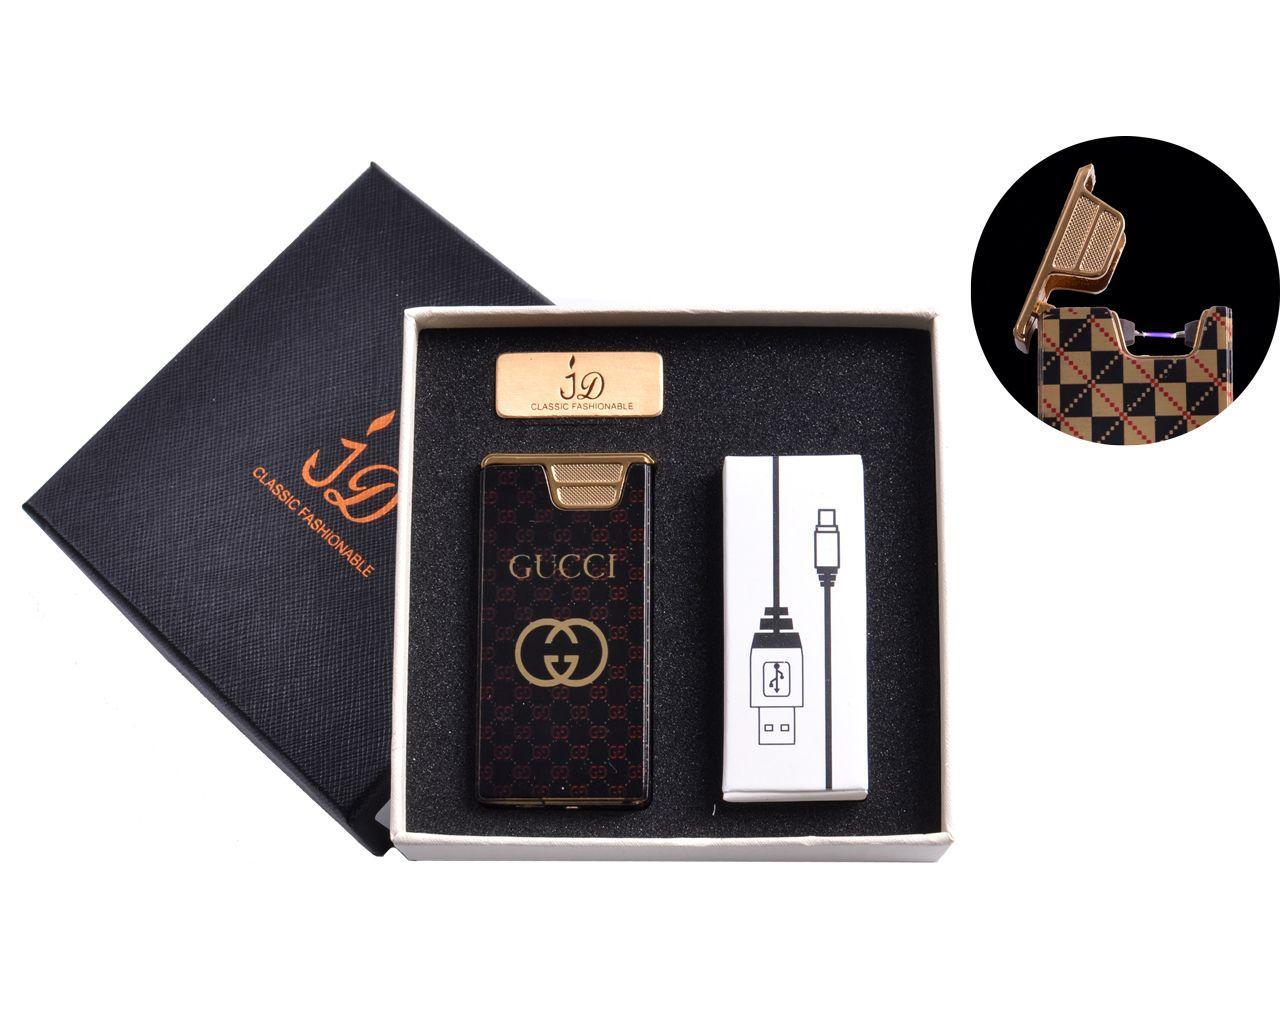 USB зажигалка в подарочной упаковке (Электроимпульсная) №4767-1